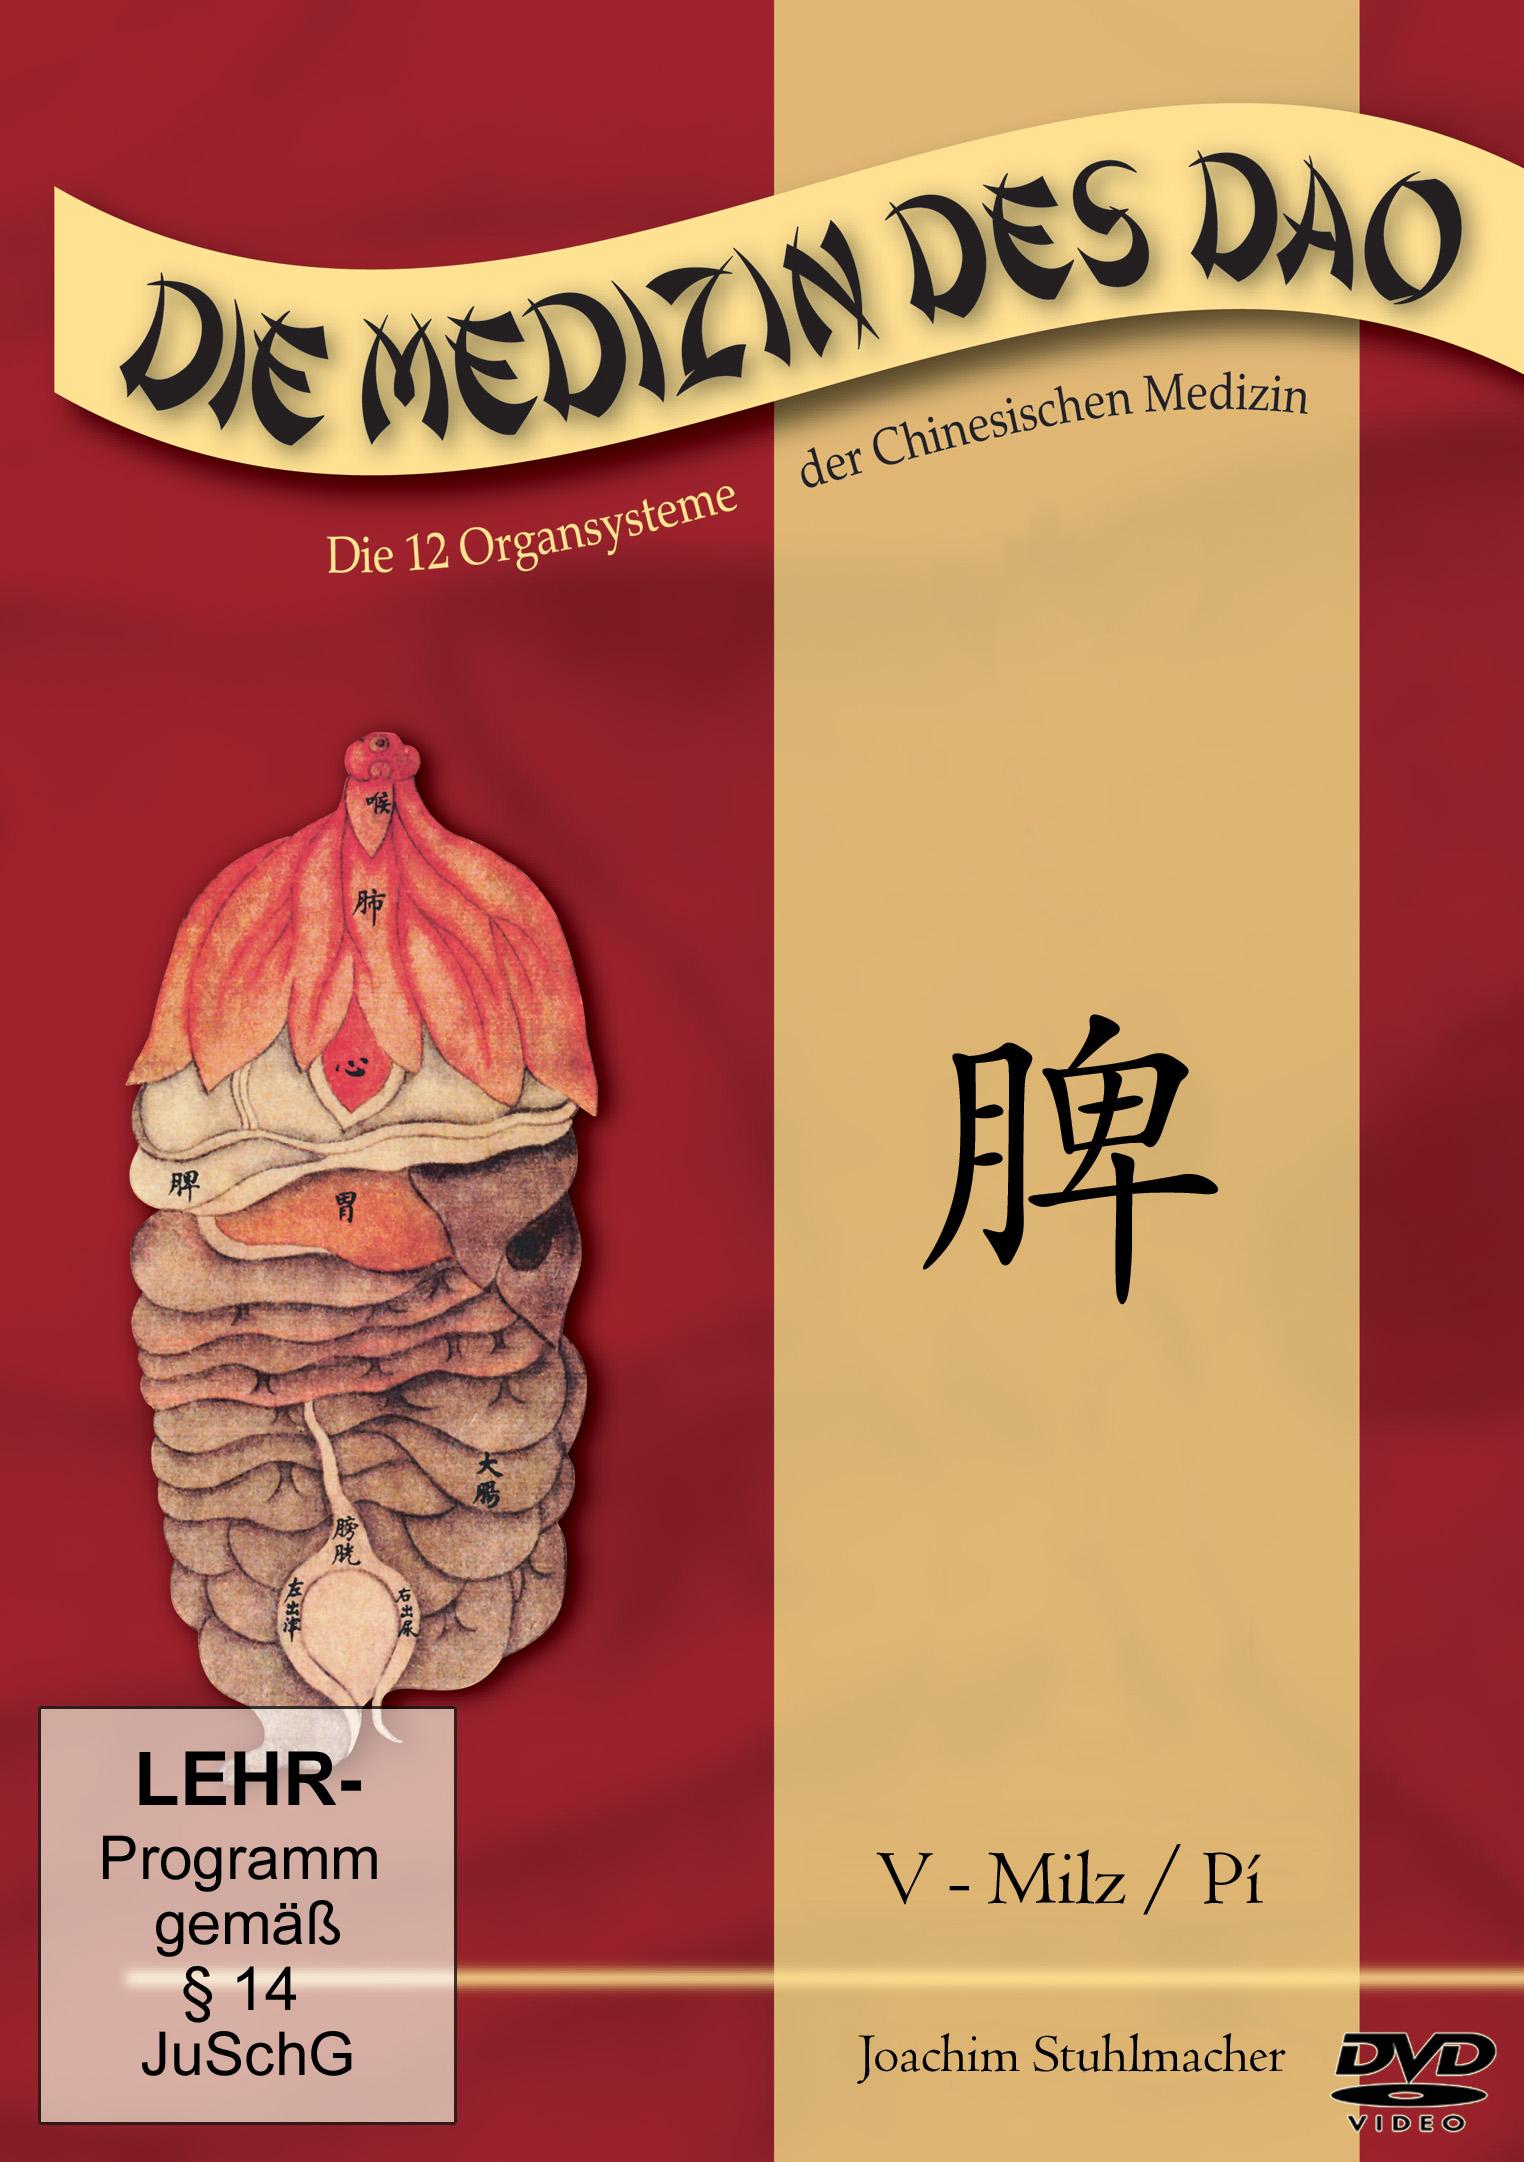 Die Medizin des Dao - Teil 5 / Milz / Pí